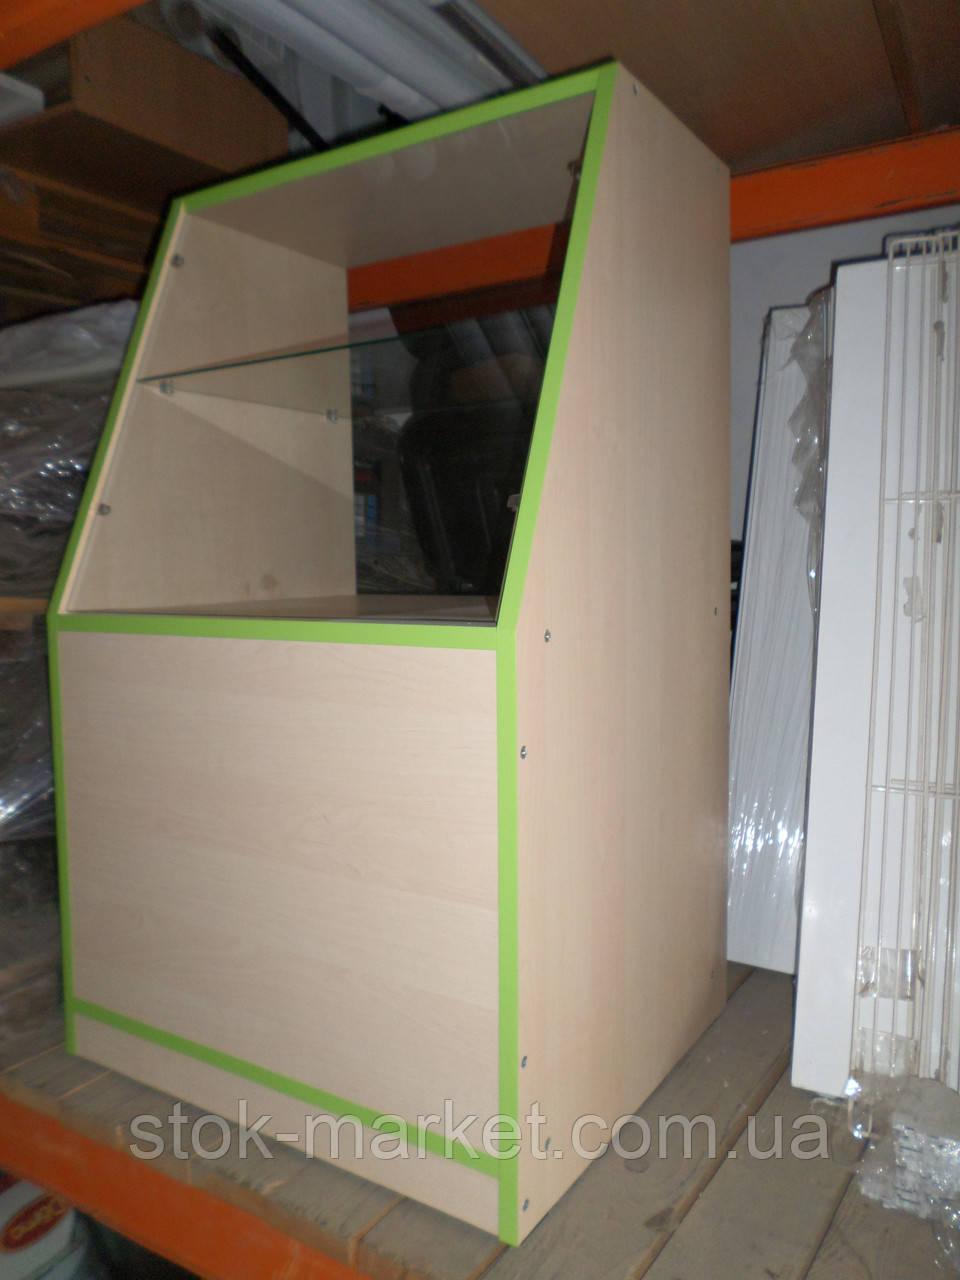 Торговая витрина ДСП, витрины ДСП,  мебель ДСП под заказ